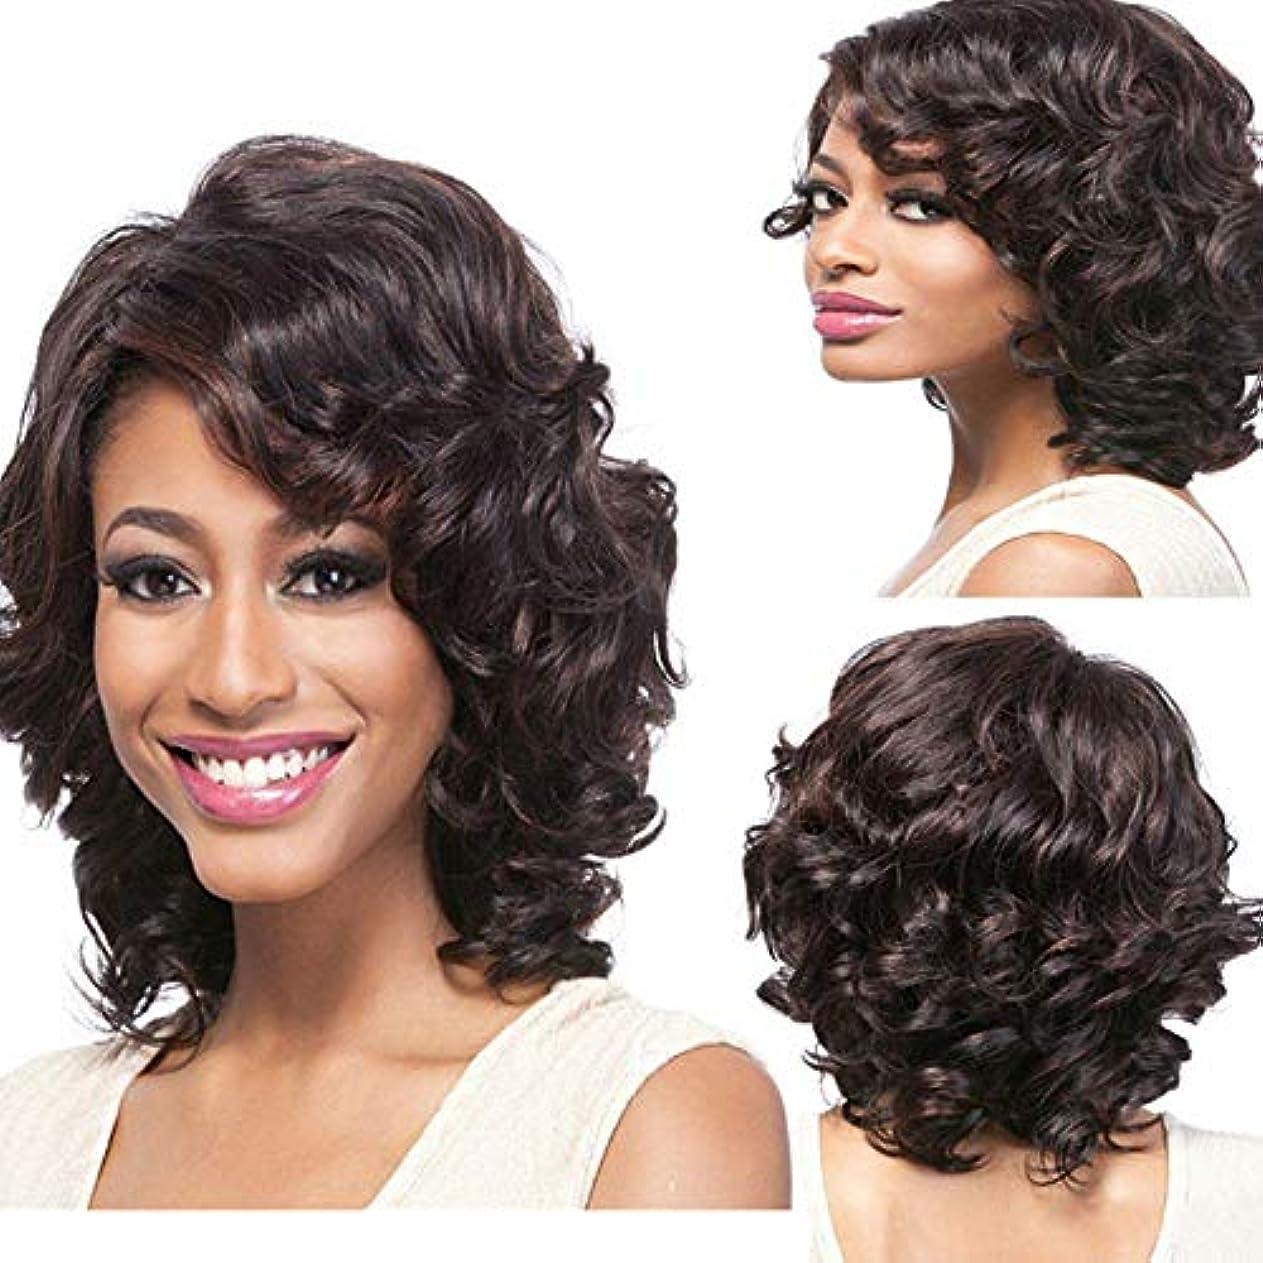 増幅する霜モスクYOUQIU 女子サイドショートカーリーヘアウィッグ斜め前髪は染色高温シルク化学繊維ヘアウィッグウィッグを選びます (色 : Photo Color, サイズ : 30~32cm)